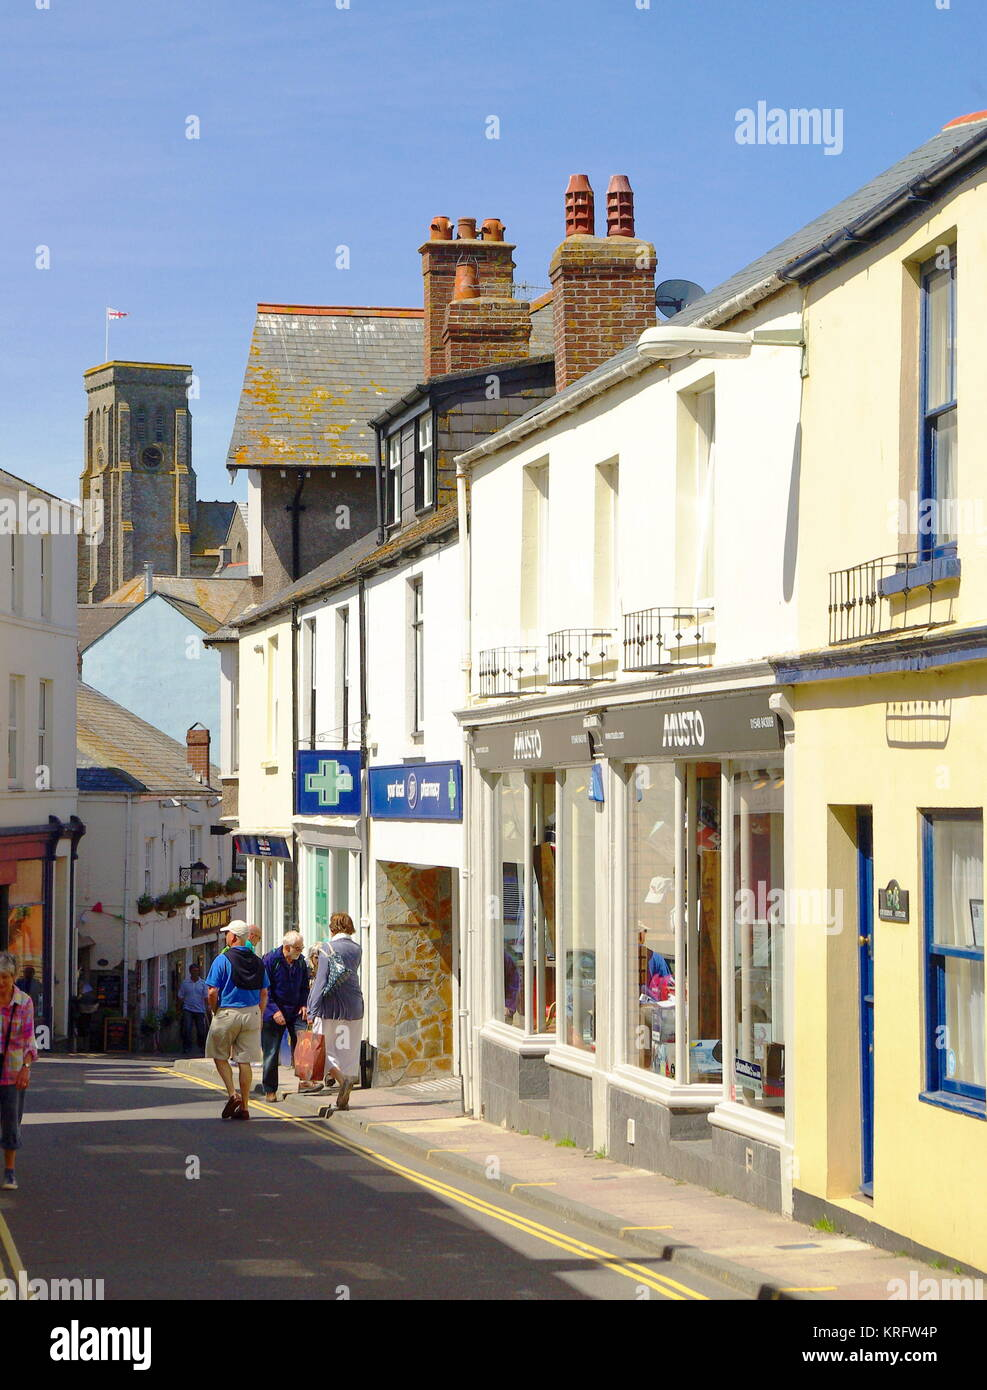 Une étroite rue commerçante de Salcombe, Devon. Date: 2014 Photo Stock